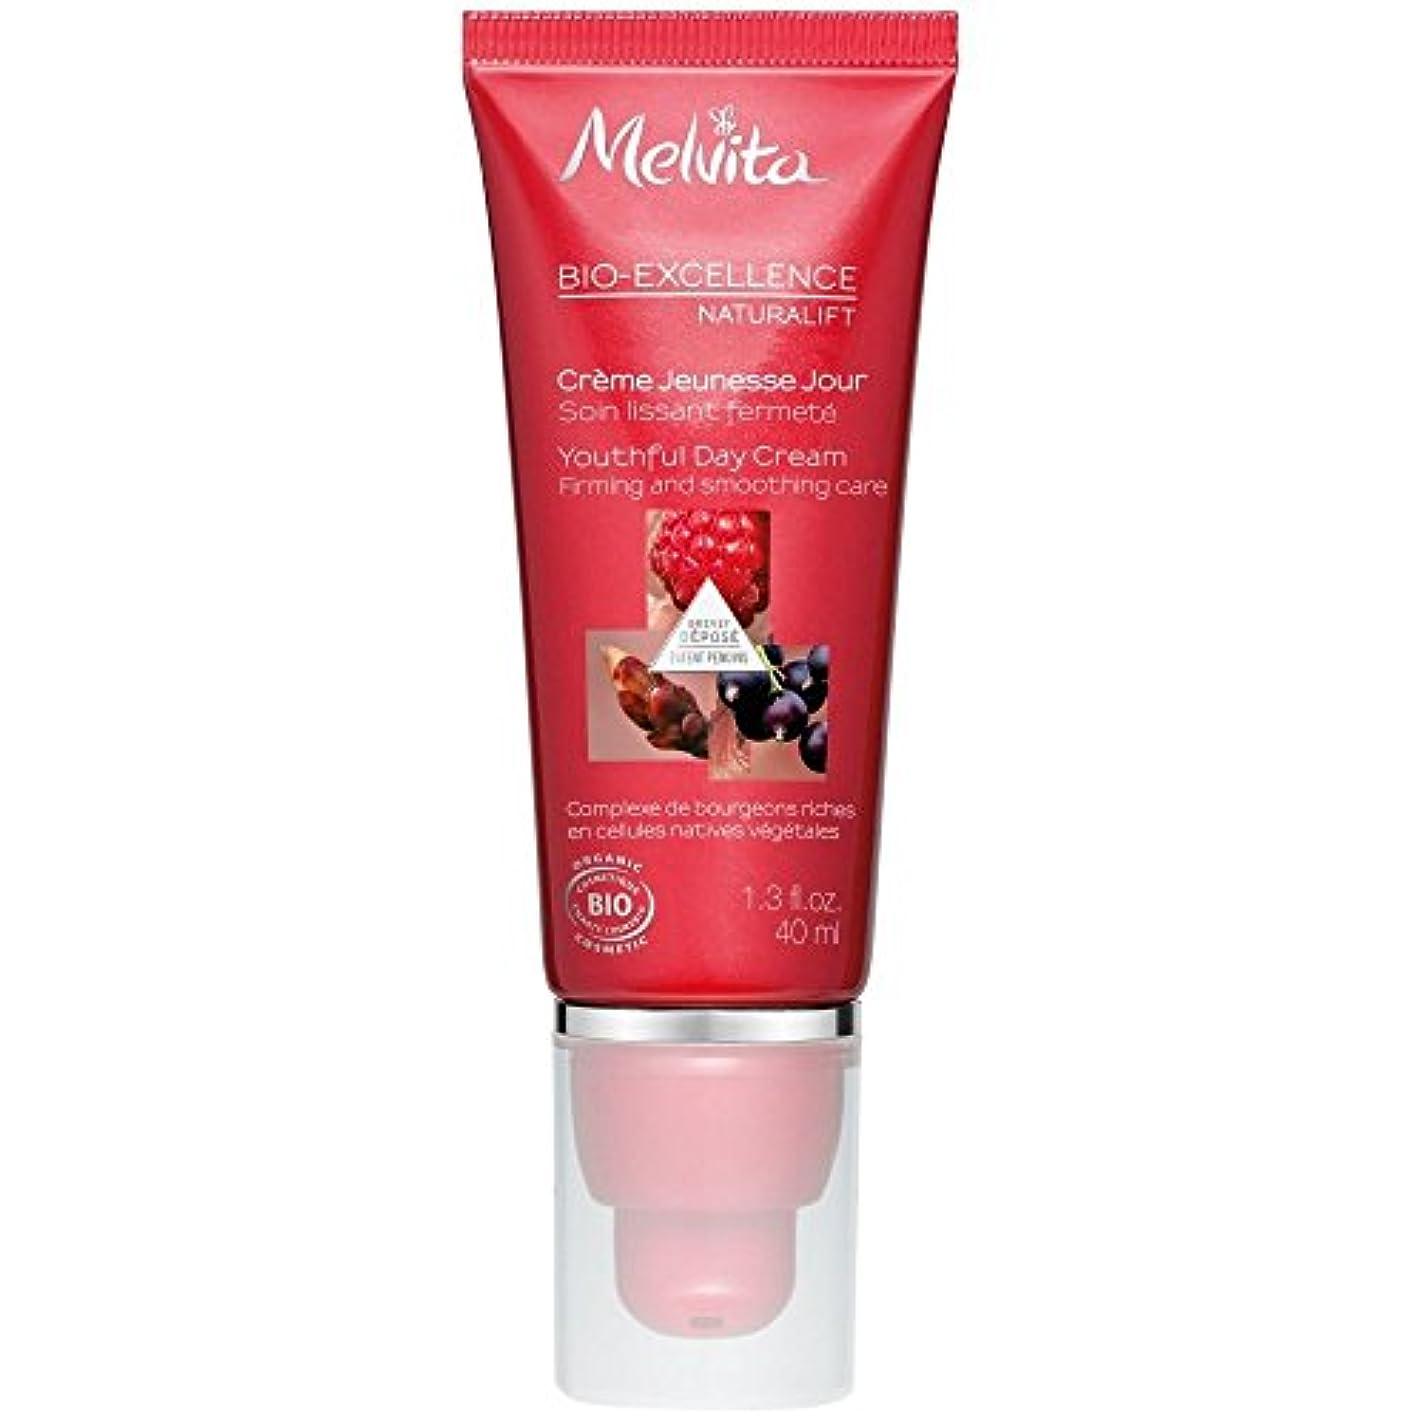 嫌なさようならモード[Melvita] メルヴィータバイオ優秀若々しいデイクリーム、40ミリリットル - Melvita Bio-Excellence Youthful Day Cream, 40ml [並行輸入品]